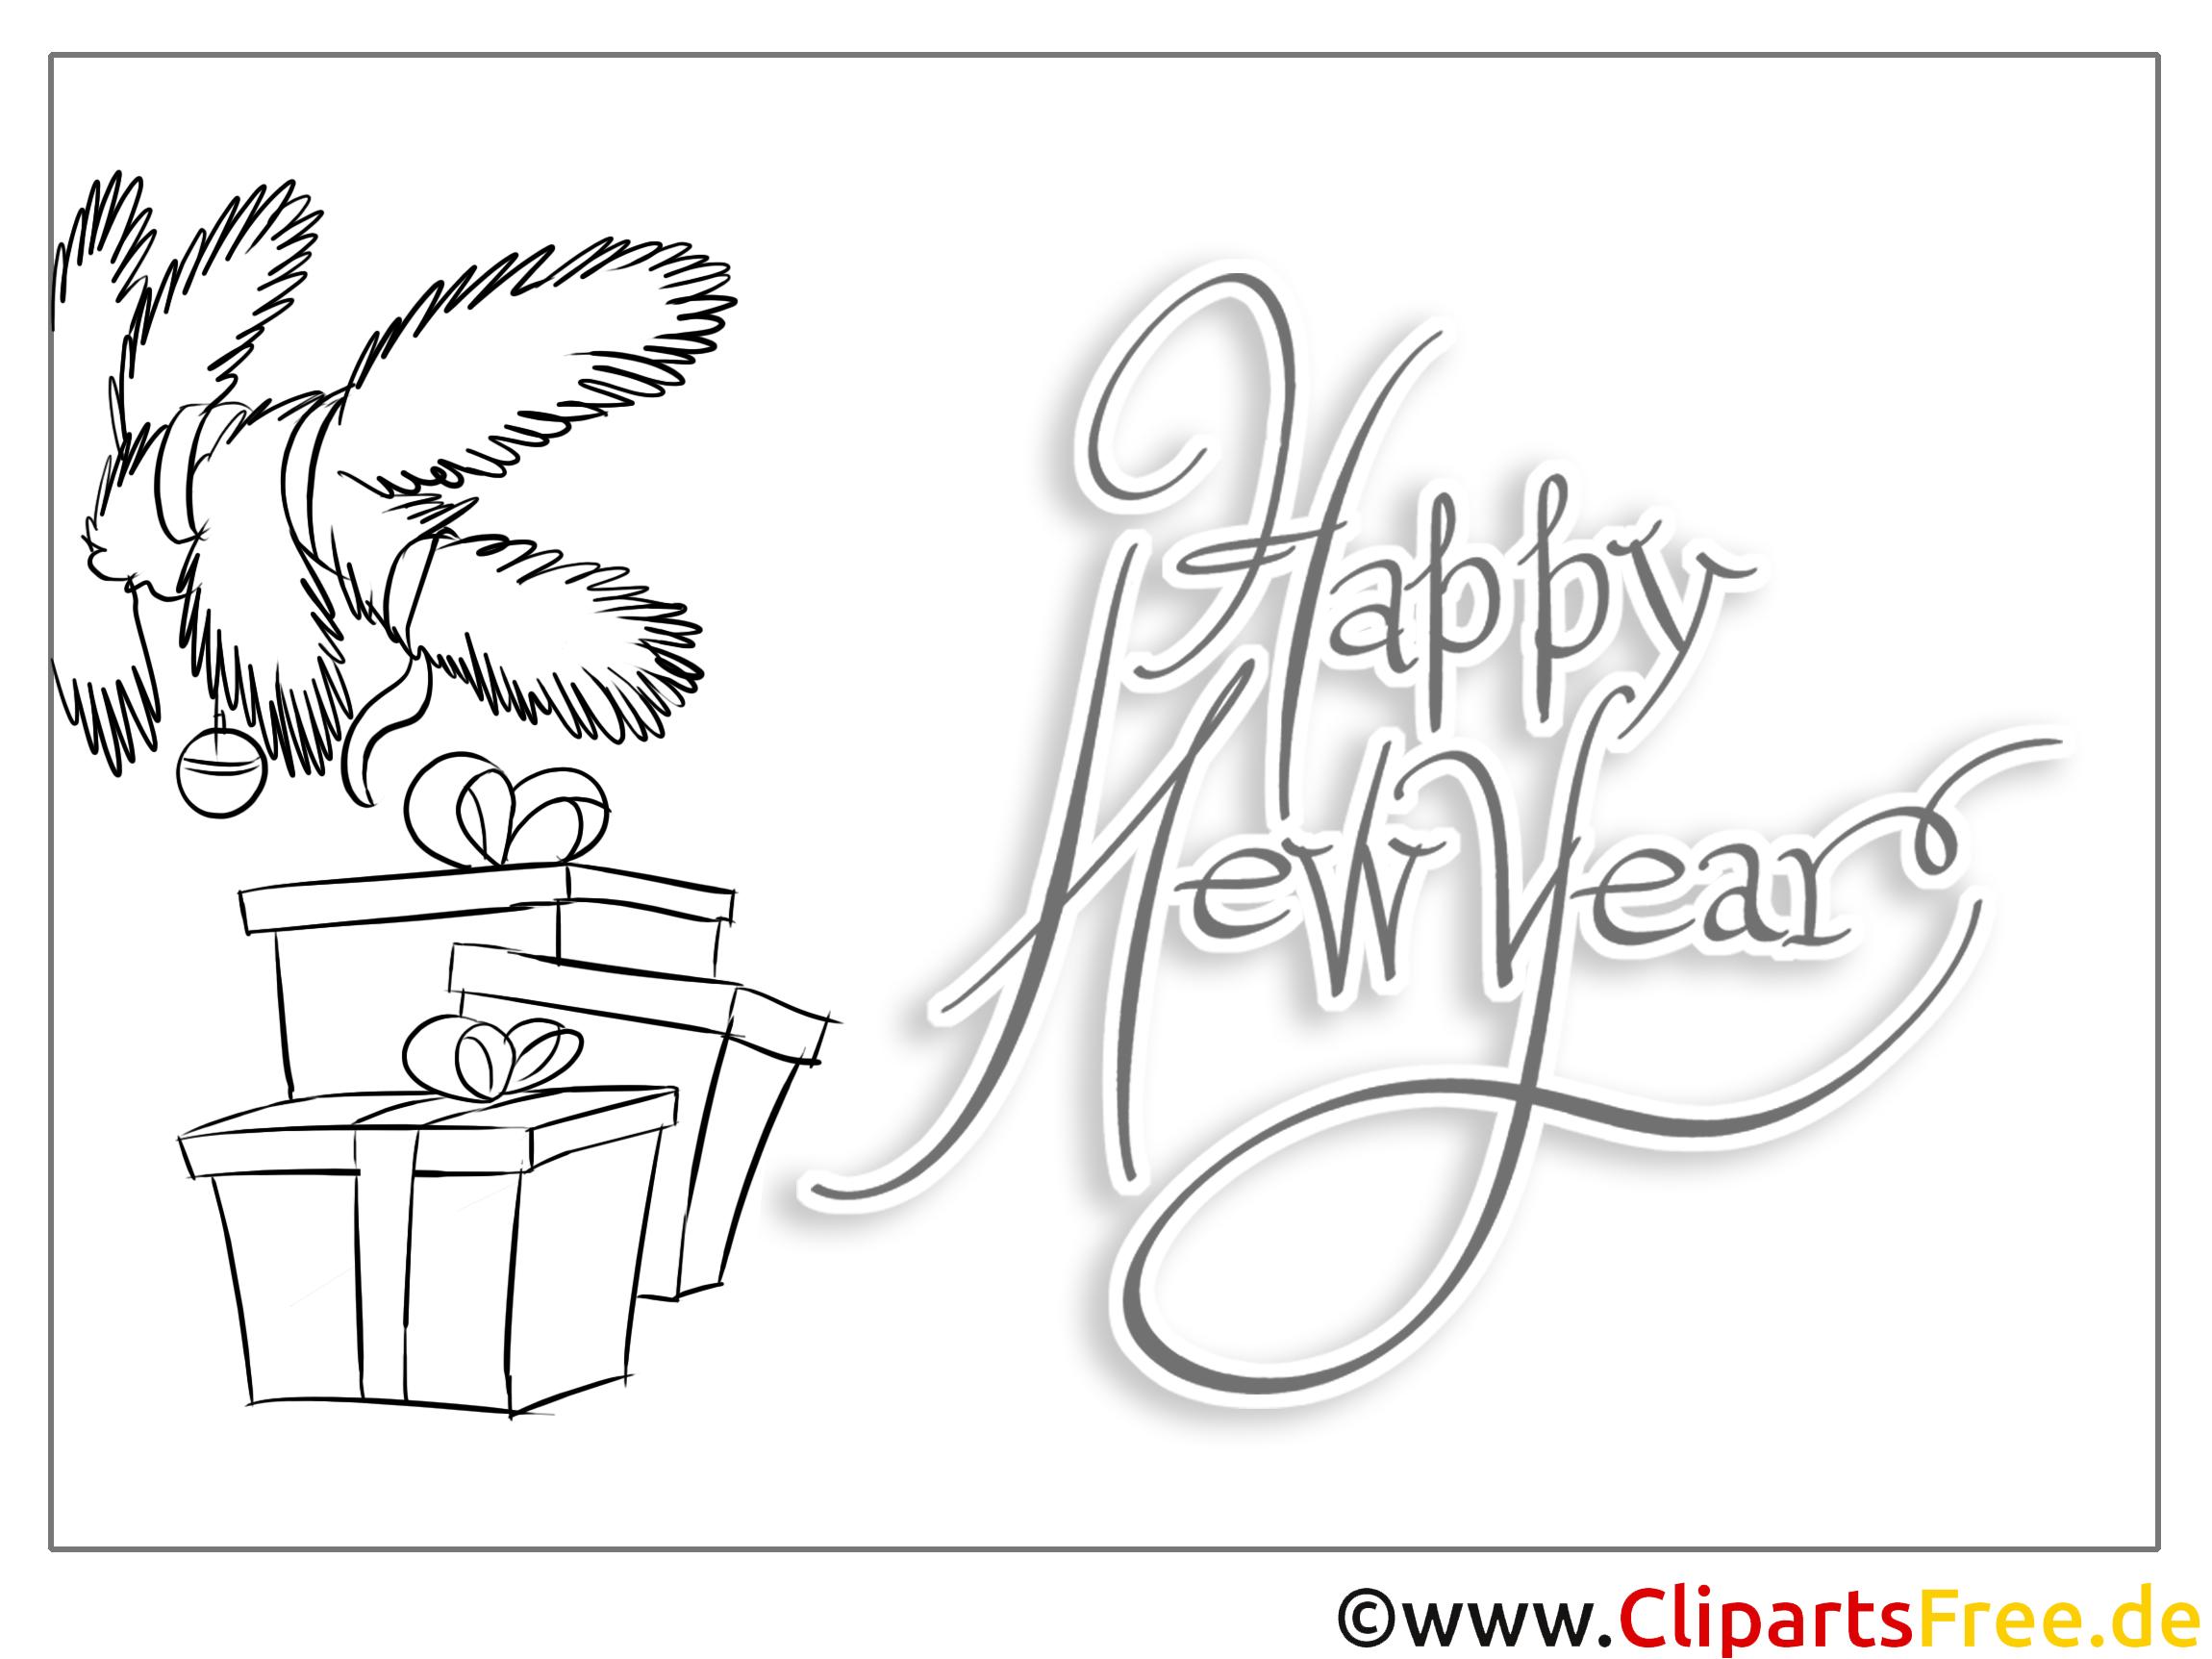 tannenbaum geschenk happy new year coloring malvorlage